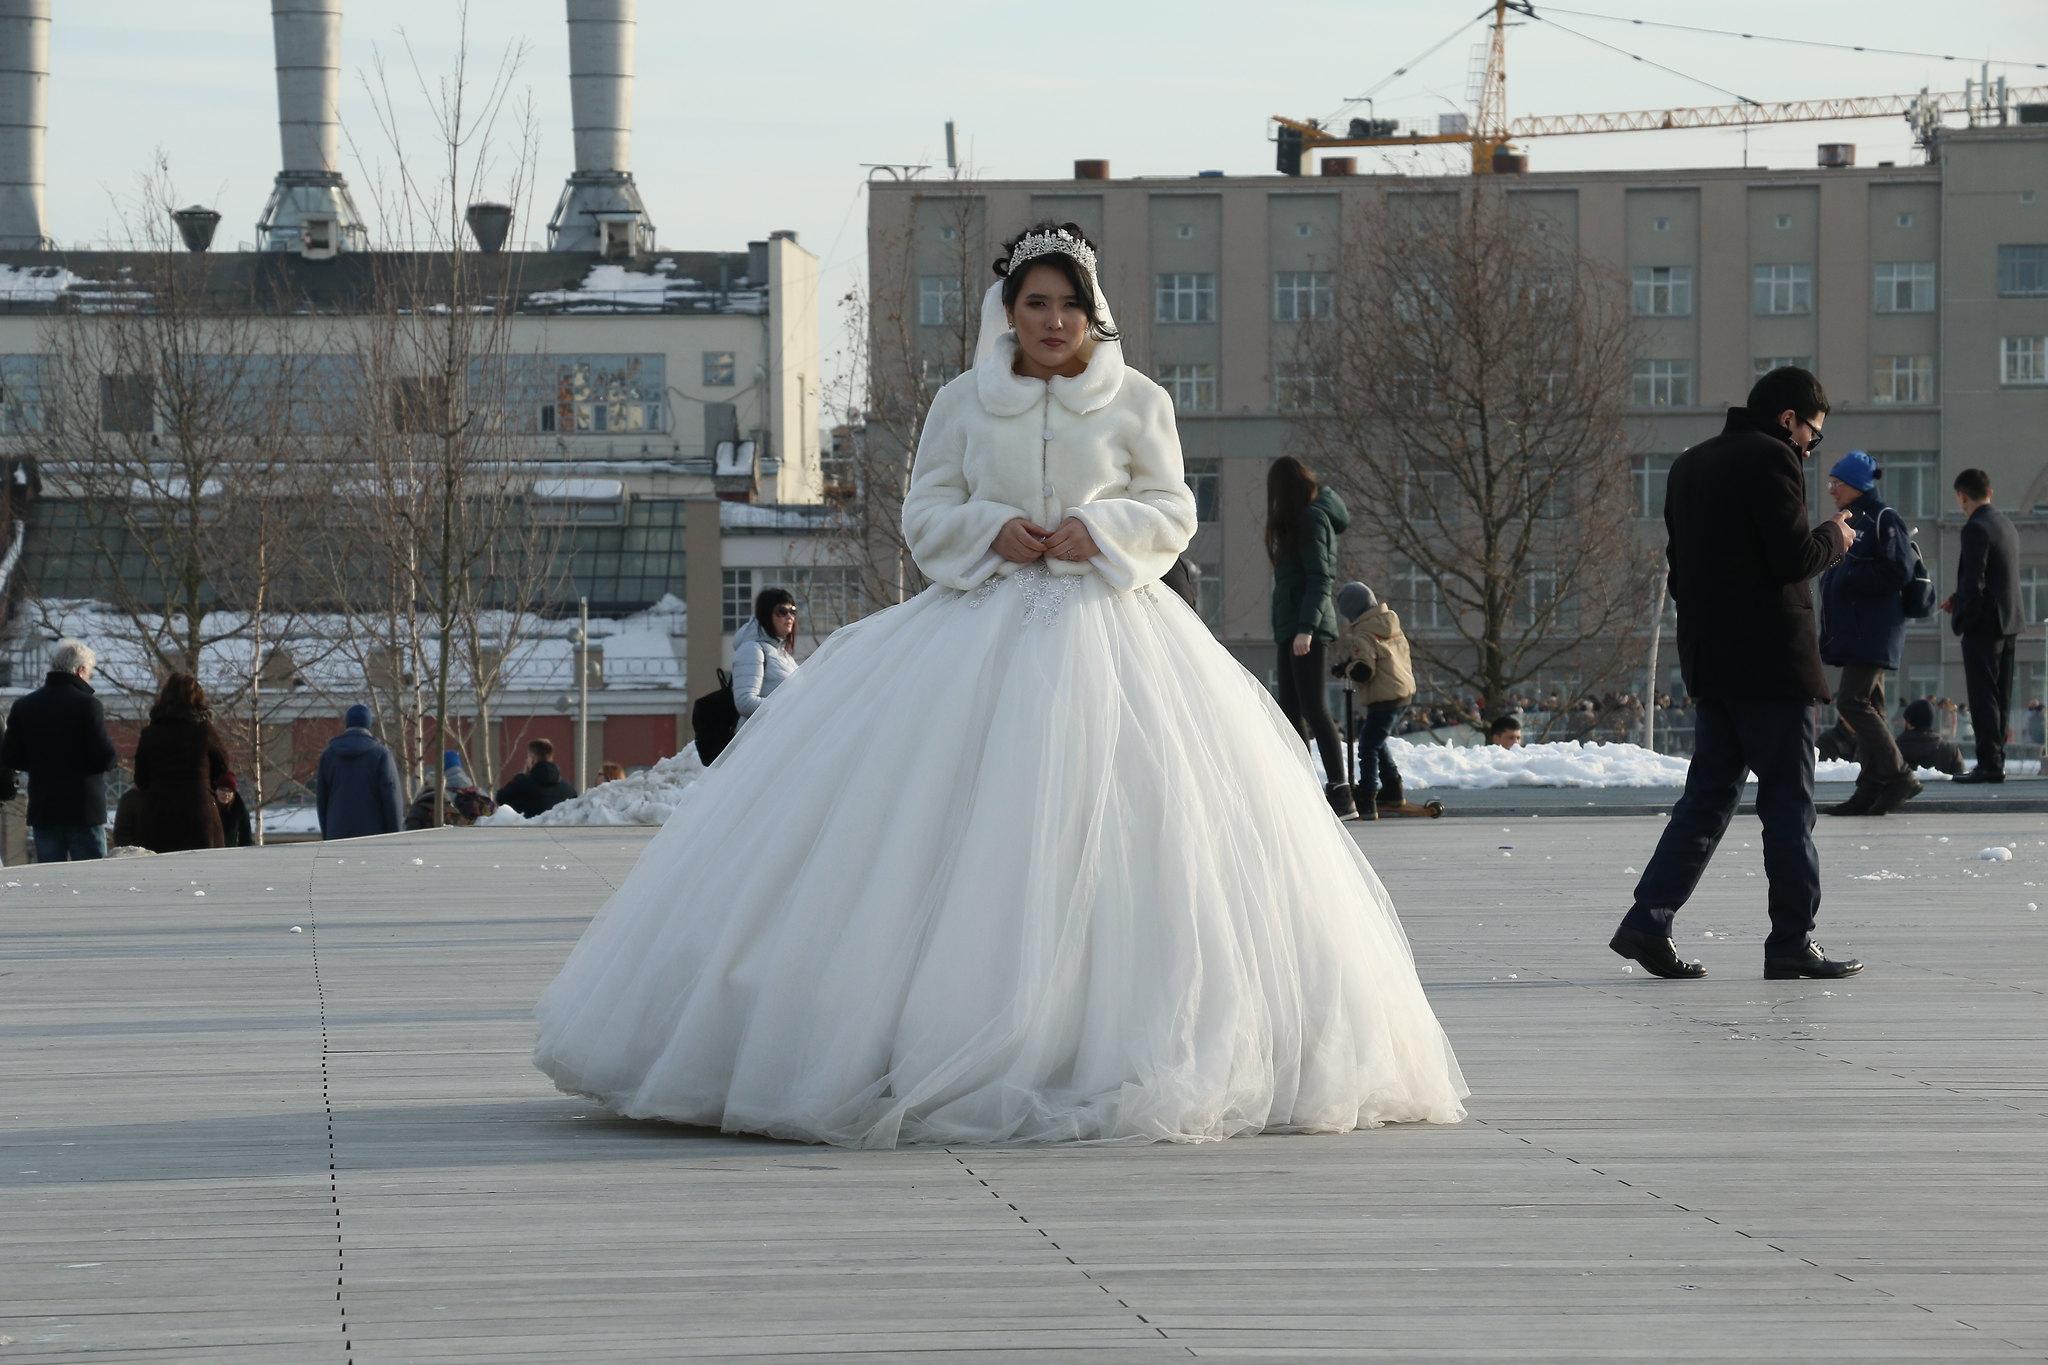 себя, как киргизские свадьбы как проходят в москве видео любят попарить